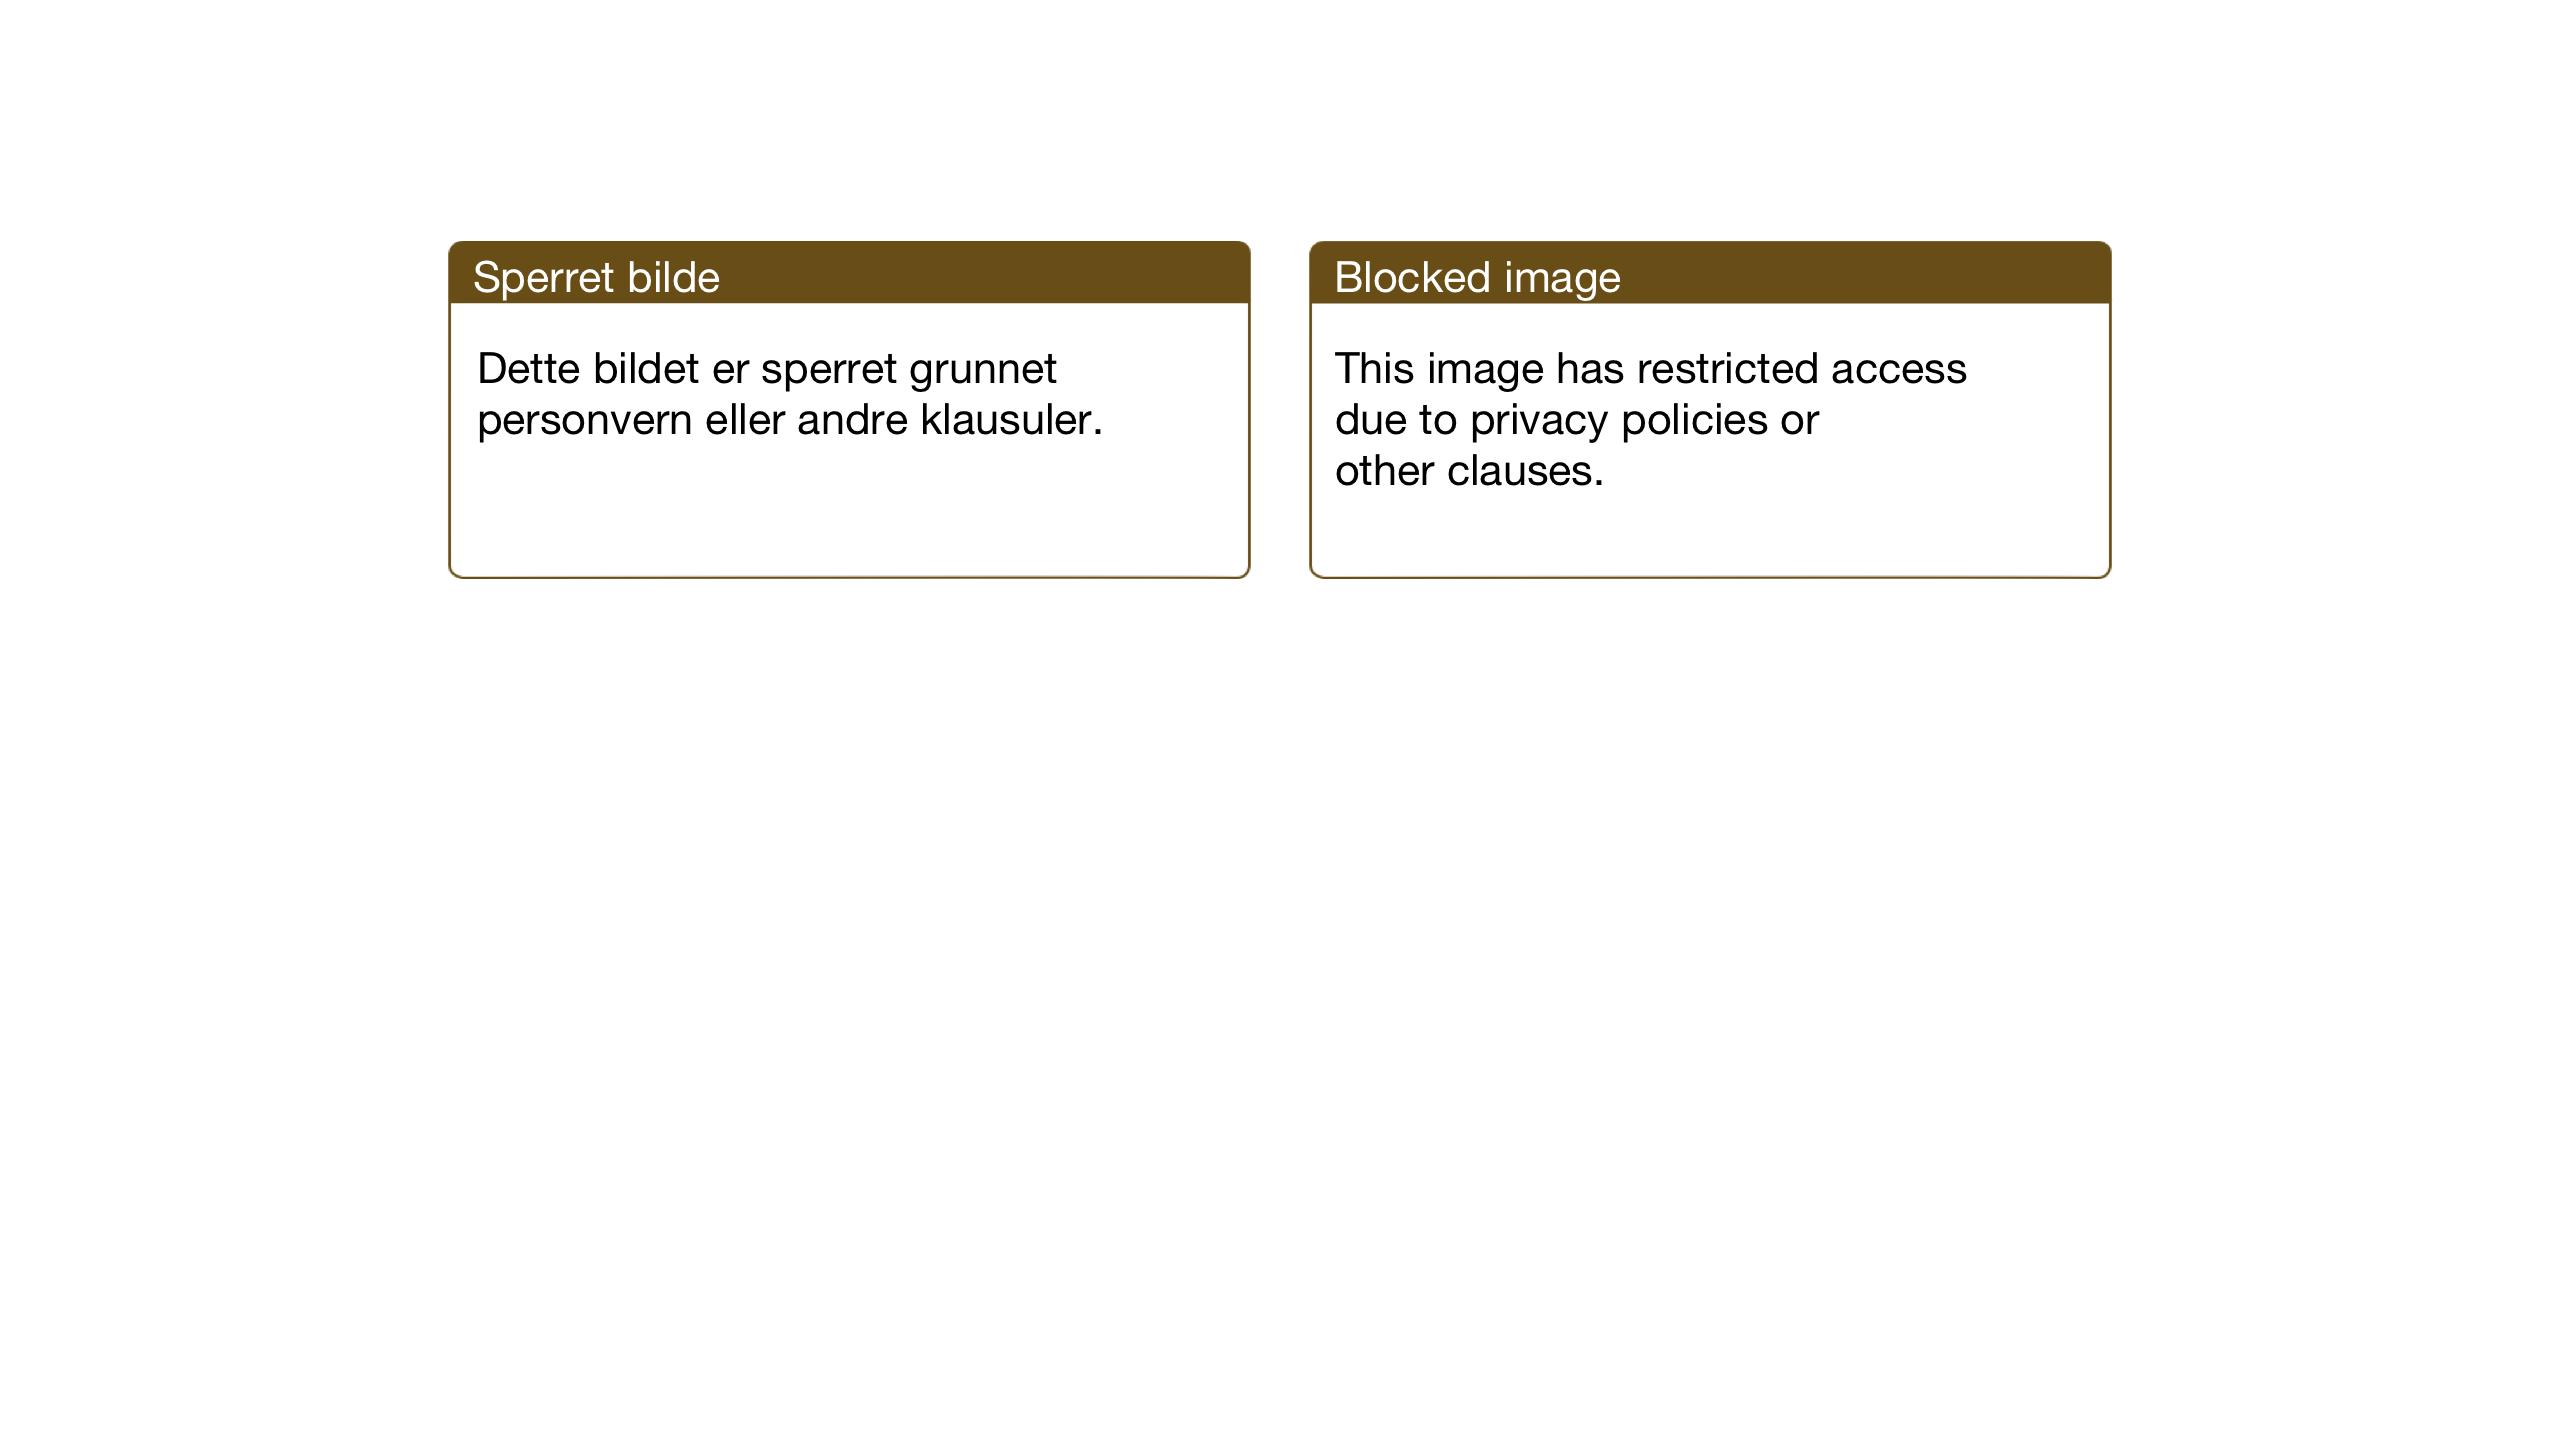 SAT, Ministerialprotokoller, klokkerbøker og fødselsregistre - Sør-Trøndelag, 682/L0947: Klokkerbok nr. 682C01, 1926-1968, s. 33